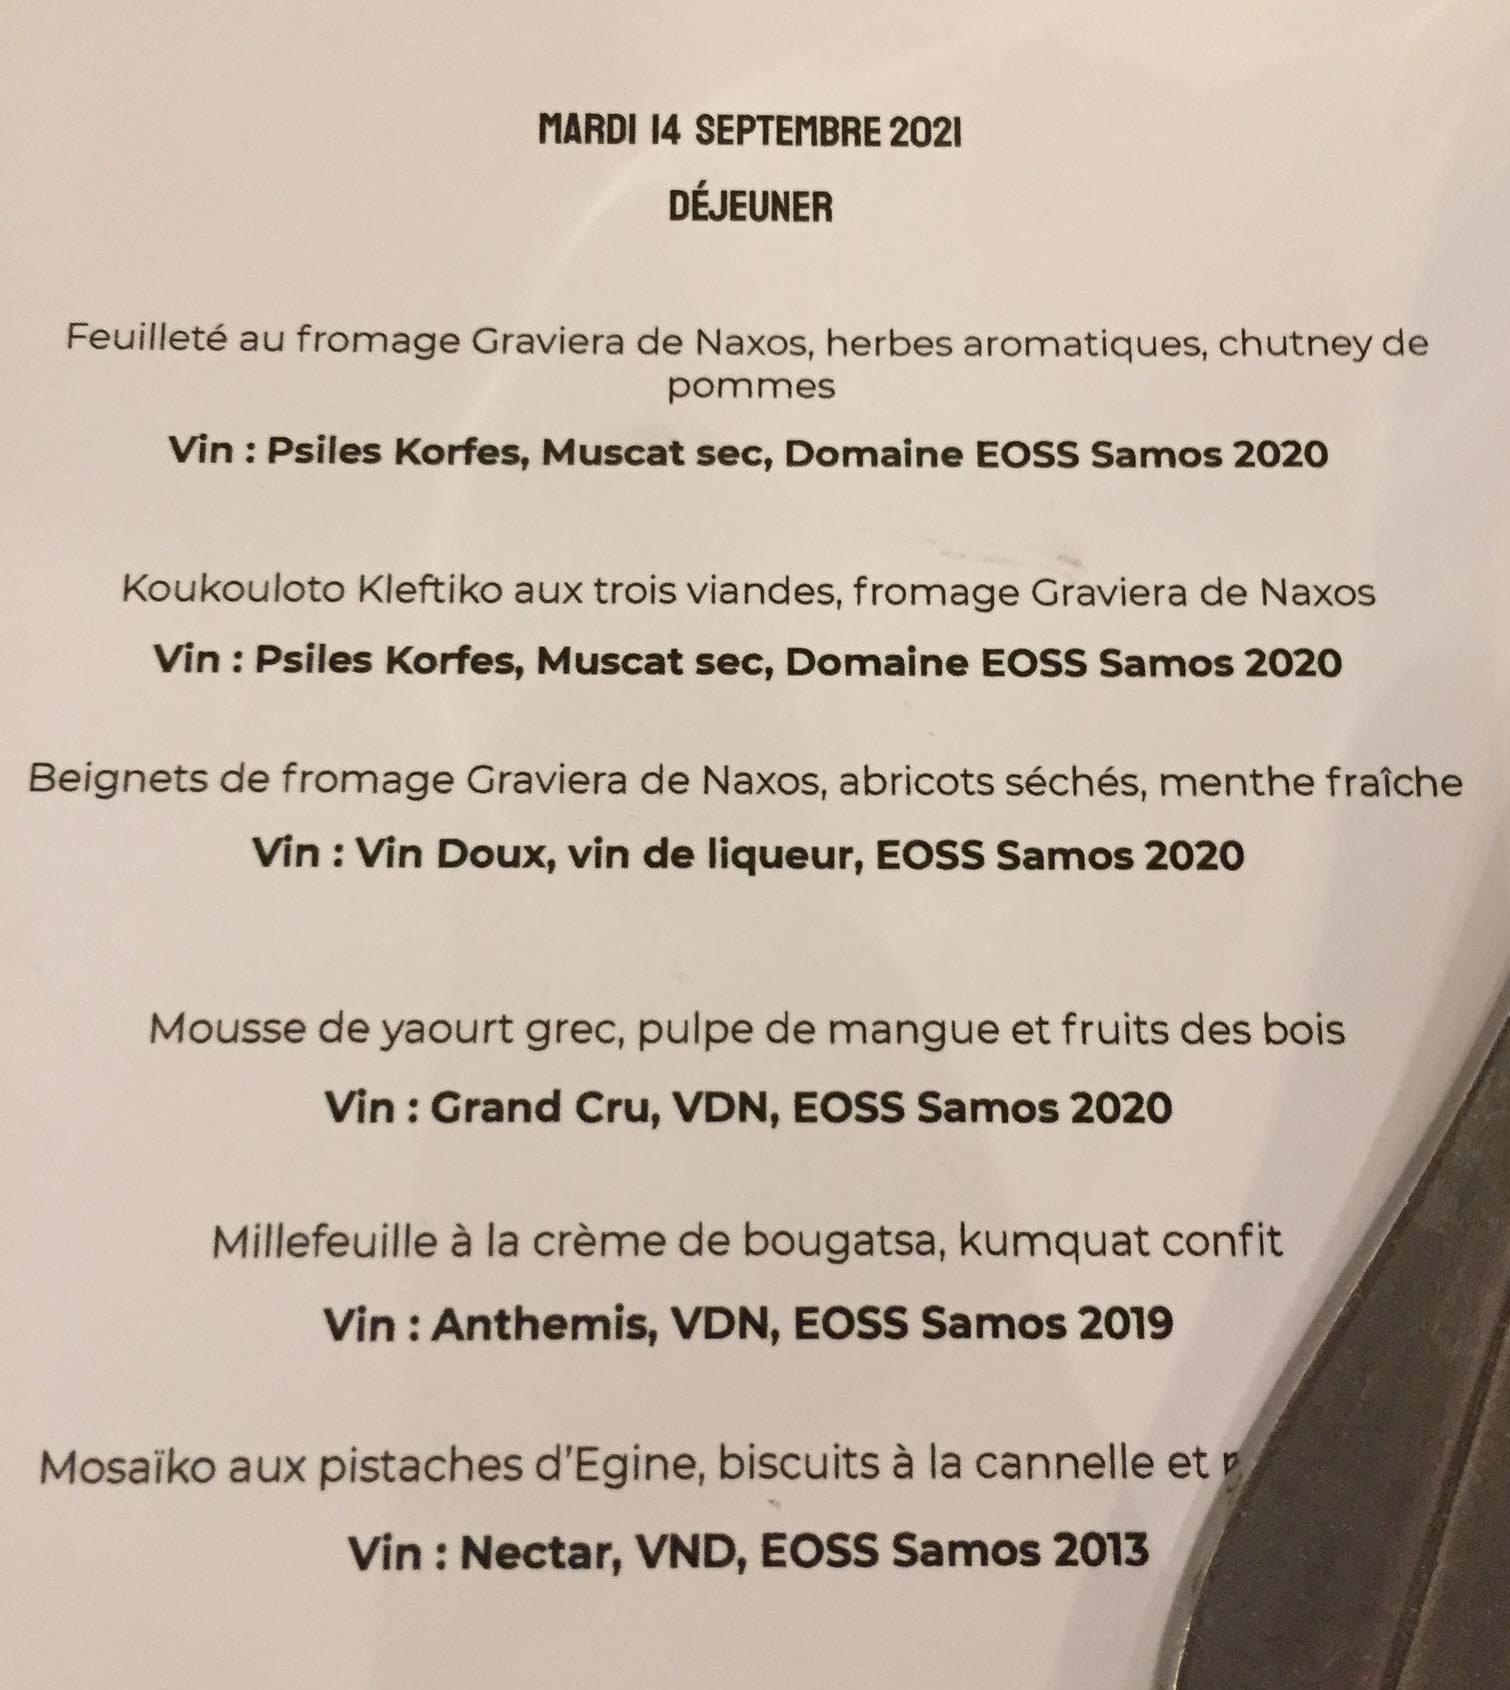 Γεύση… Γραβιέρας Νάξου Π.Ο.Π. και σαμιώτικων κρασιών στο Παρίσι! 3